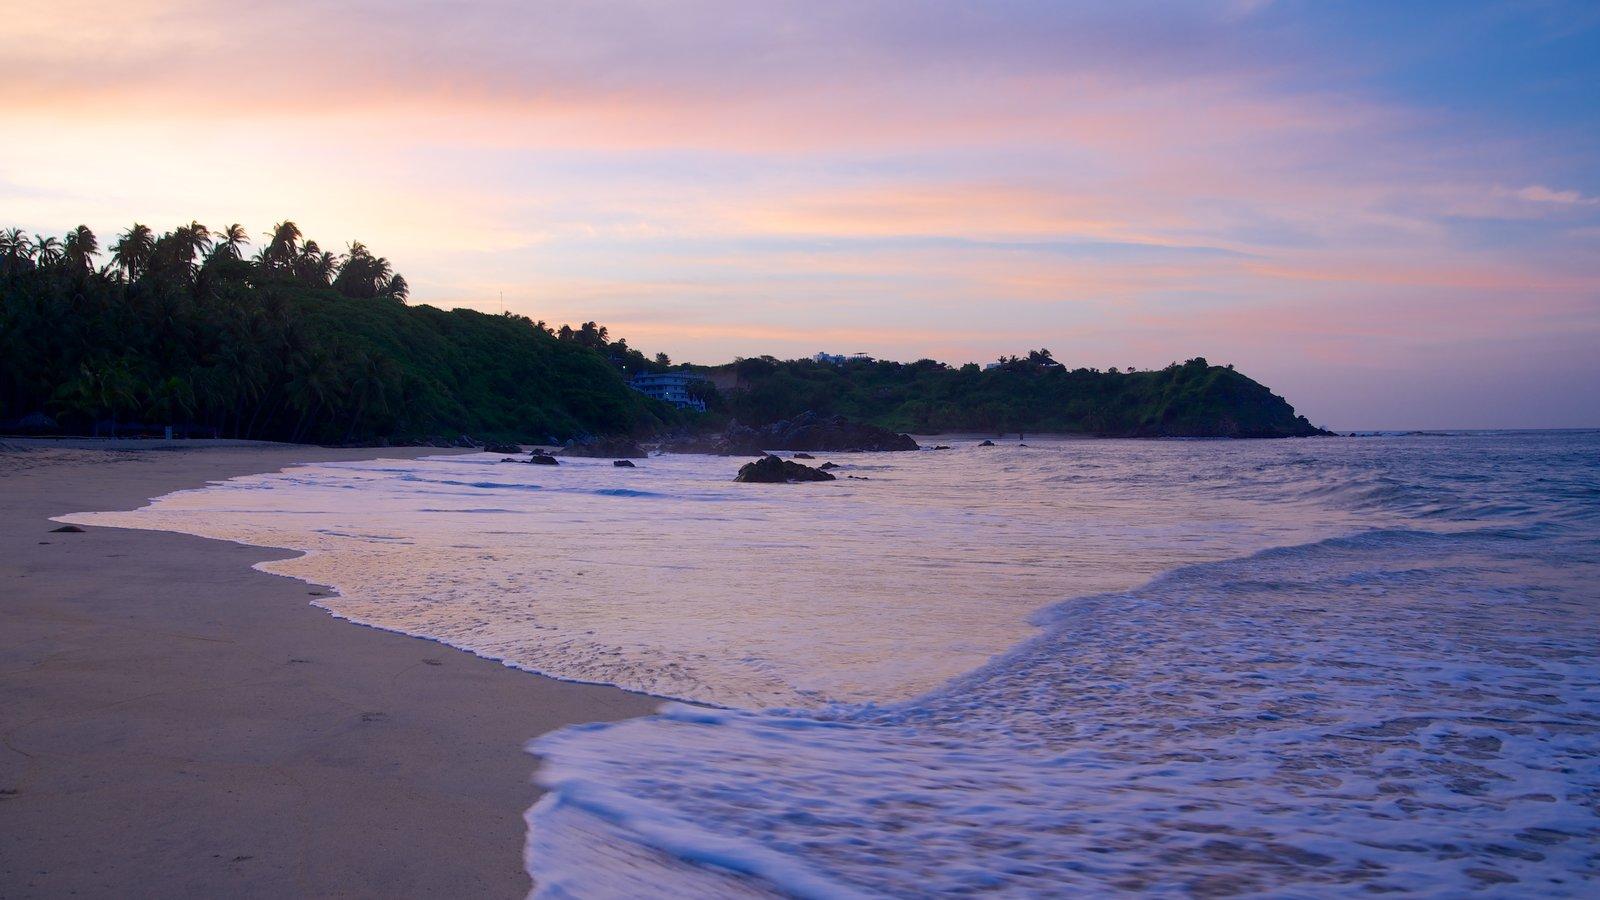 Playa Bacocho mostrando una playa, costa rocosa y una puesta de sol